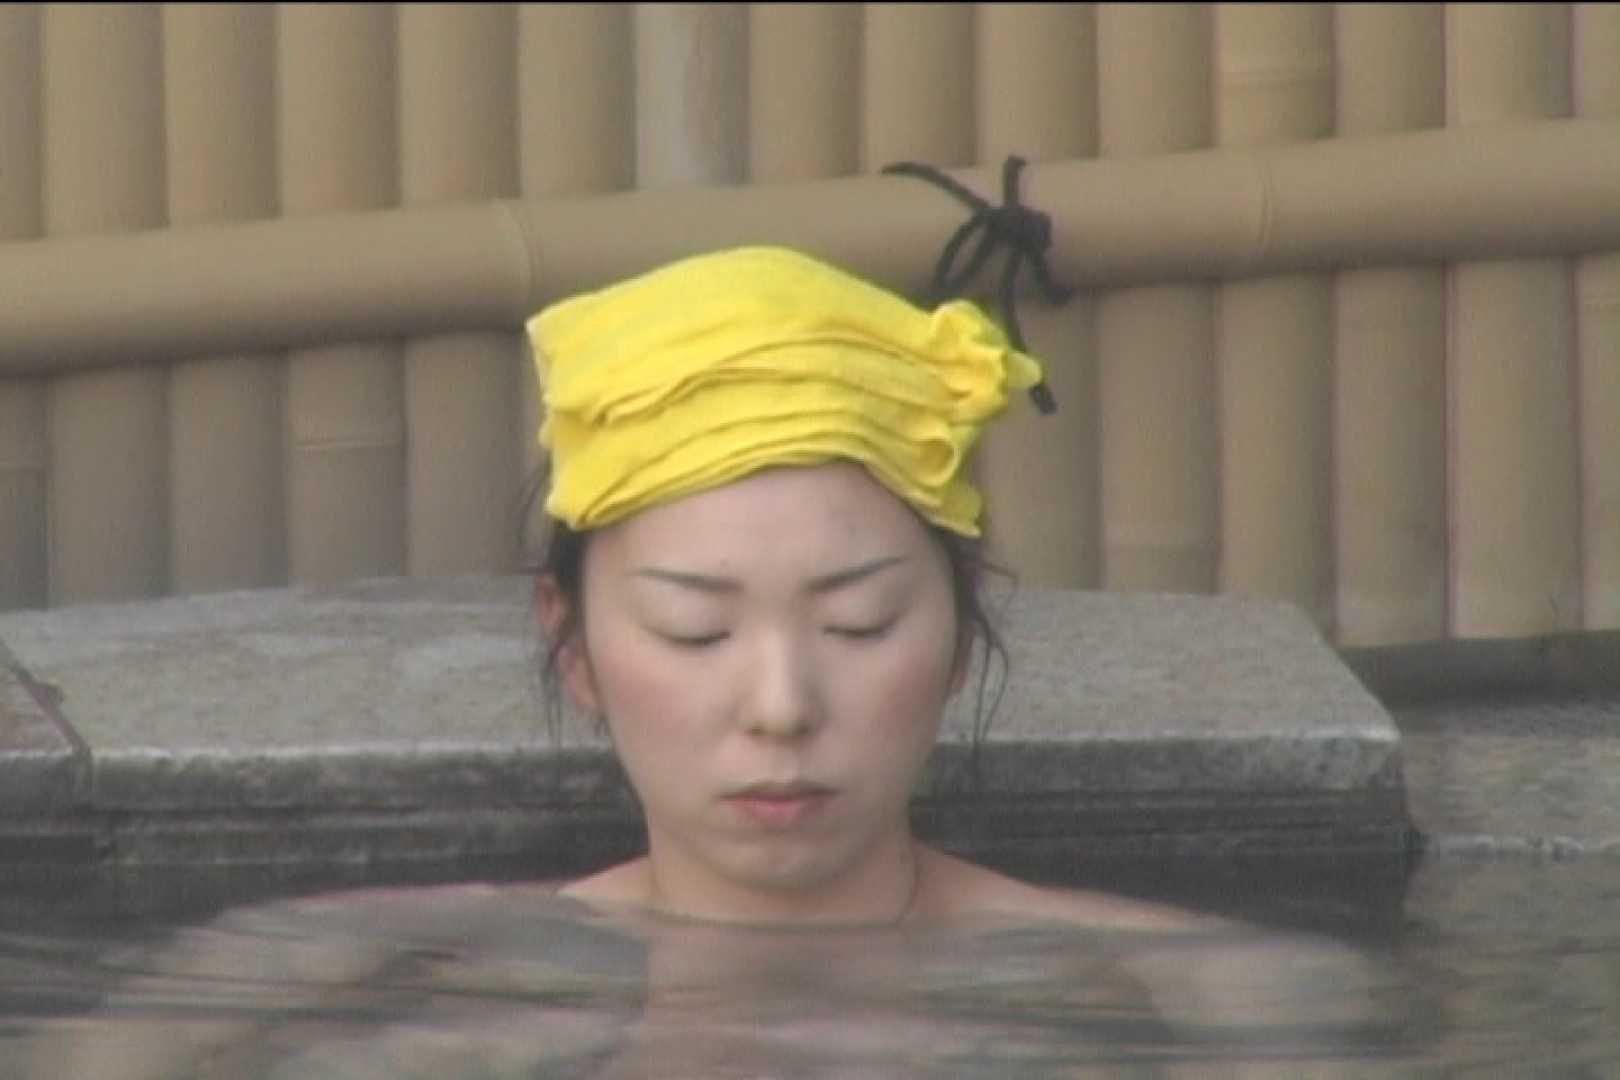 Aquaな露天風呂Vol.529 盗撮シリーズ  106PIX 58